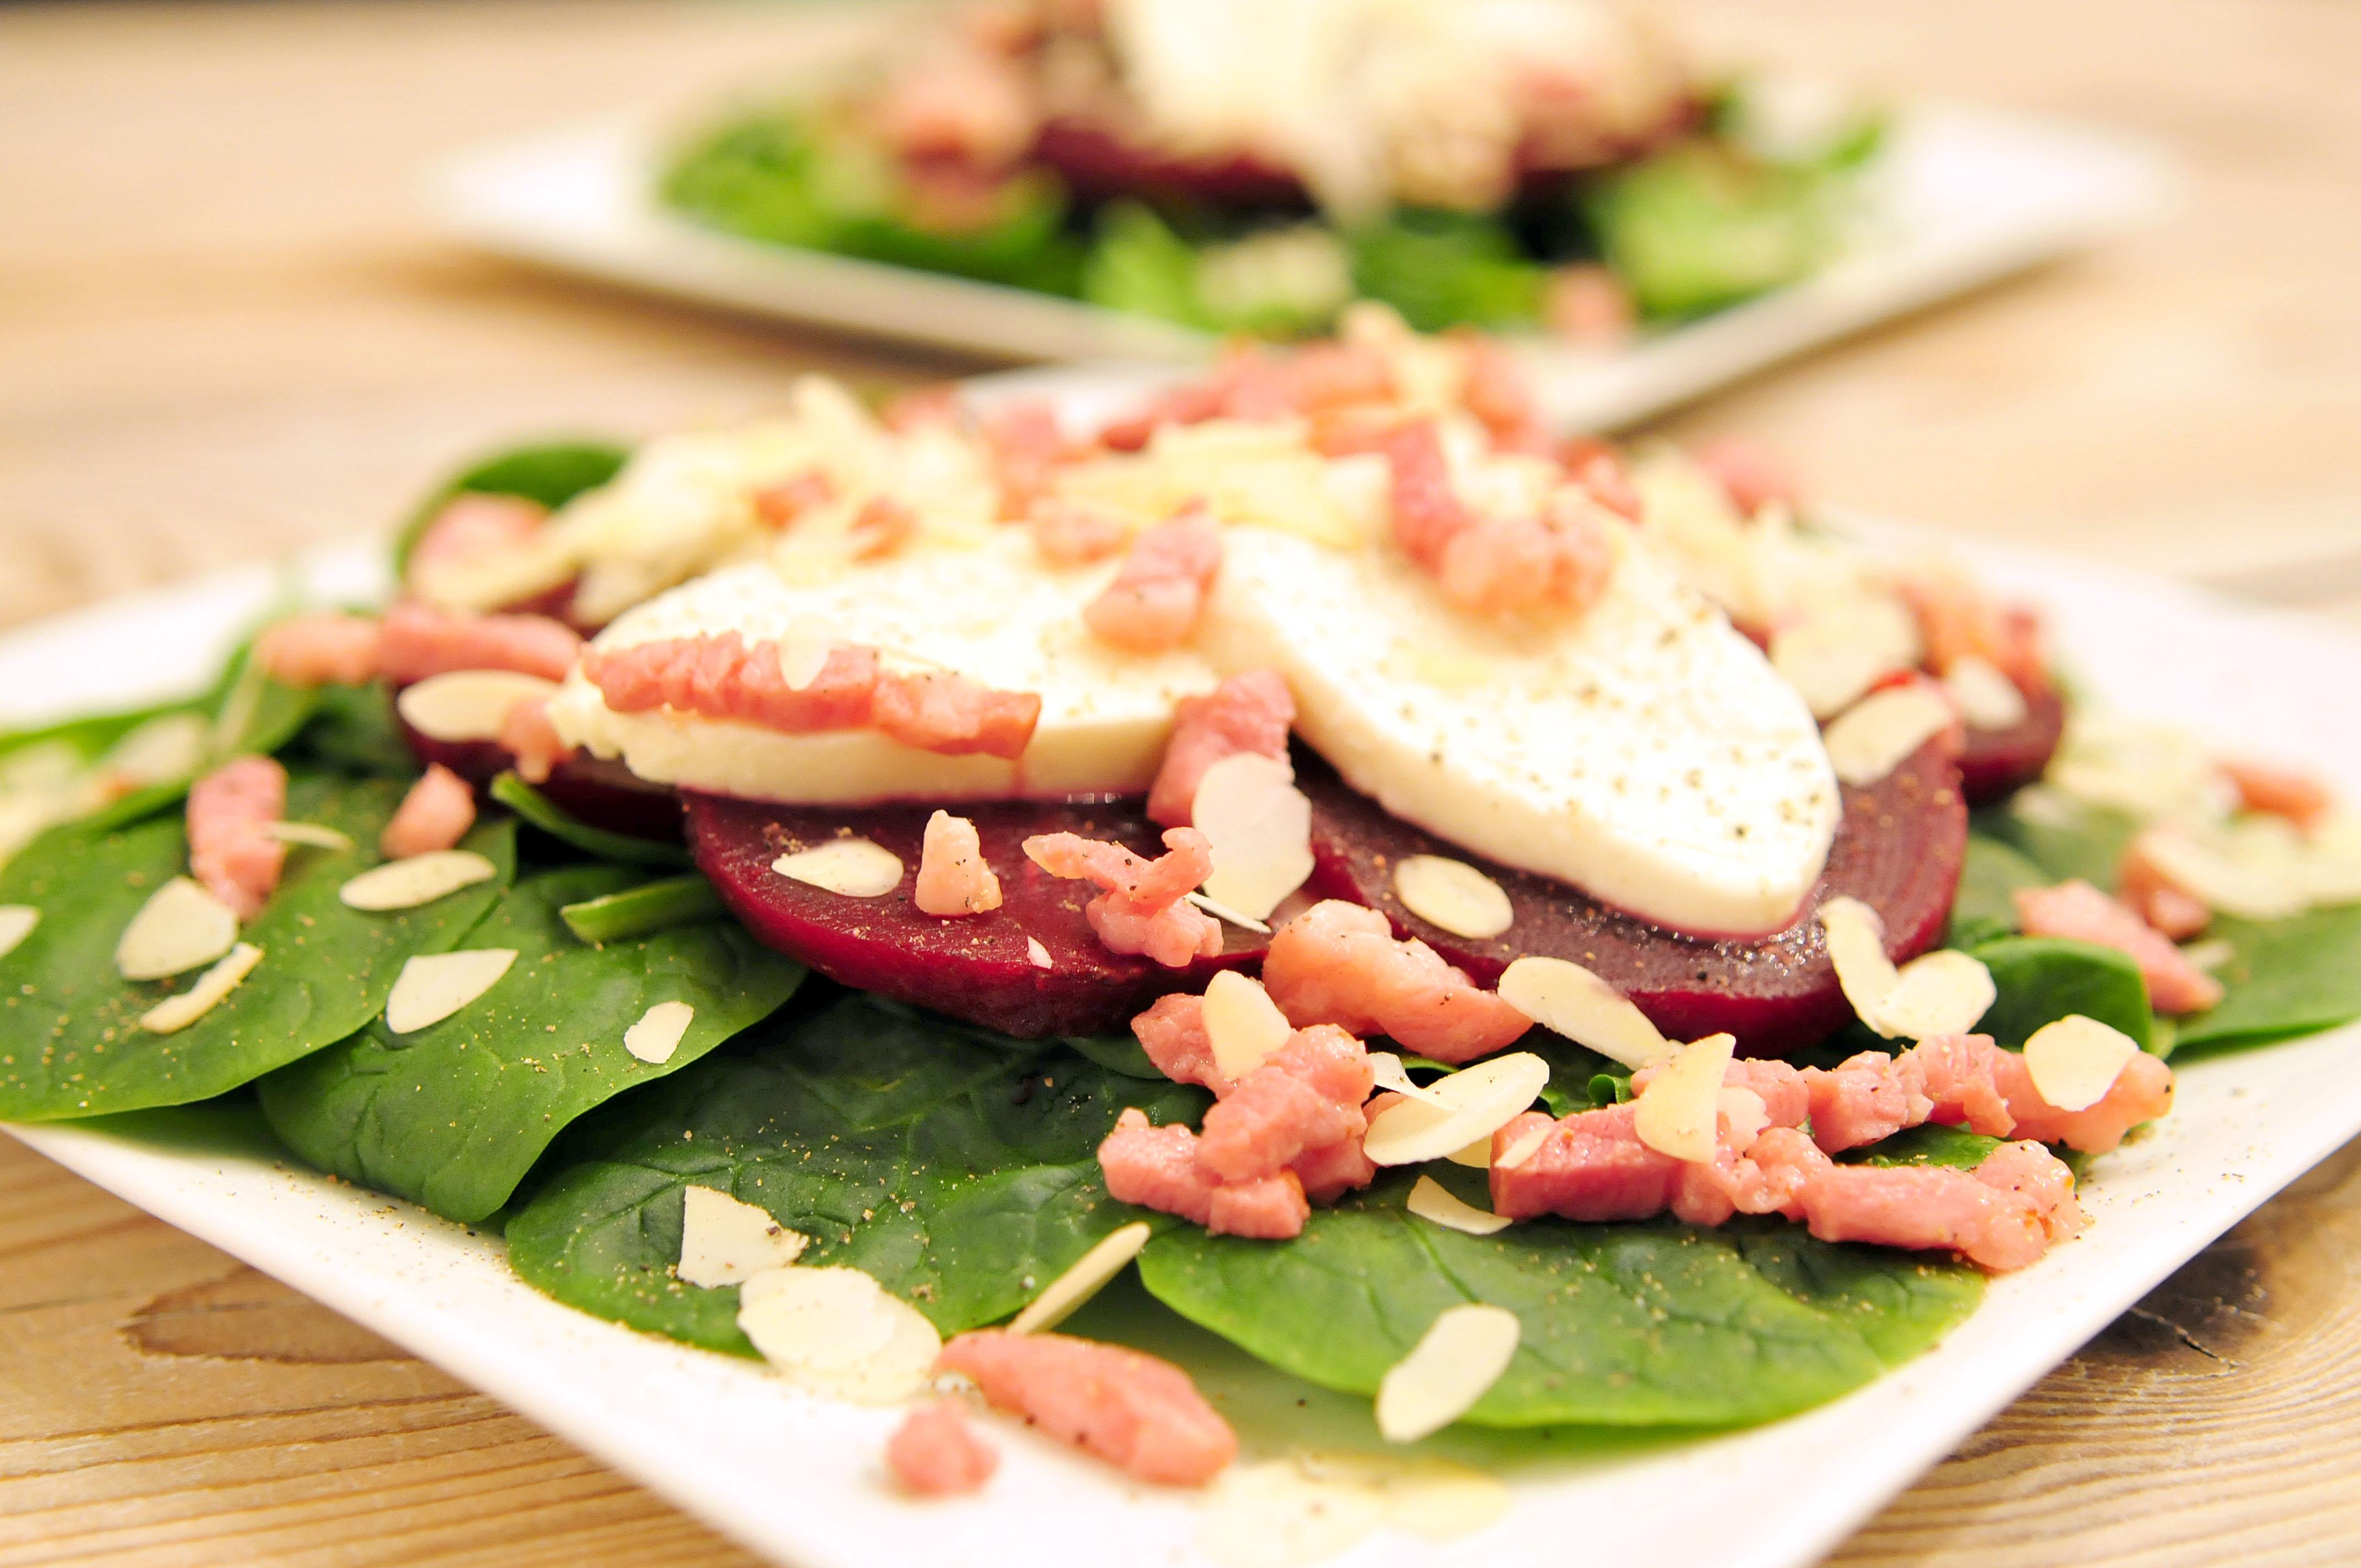 Bietensalade met spinazie, mozzarella en amandelen